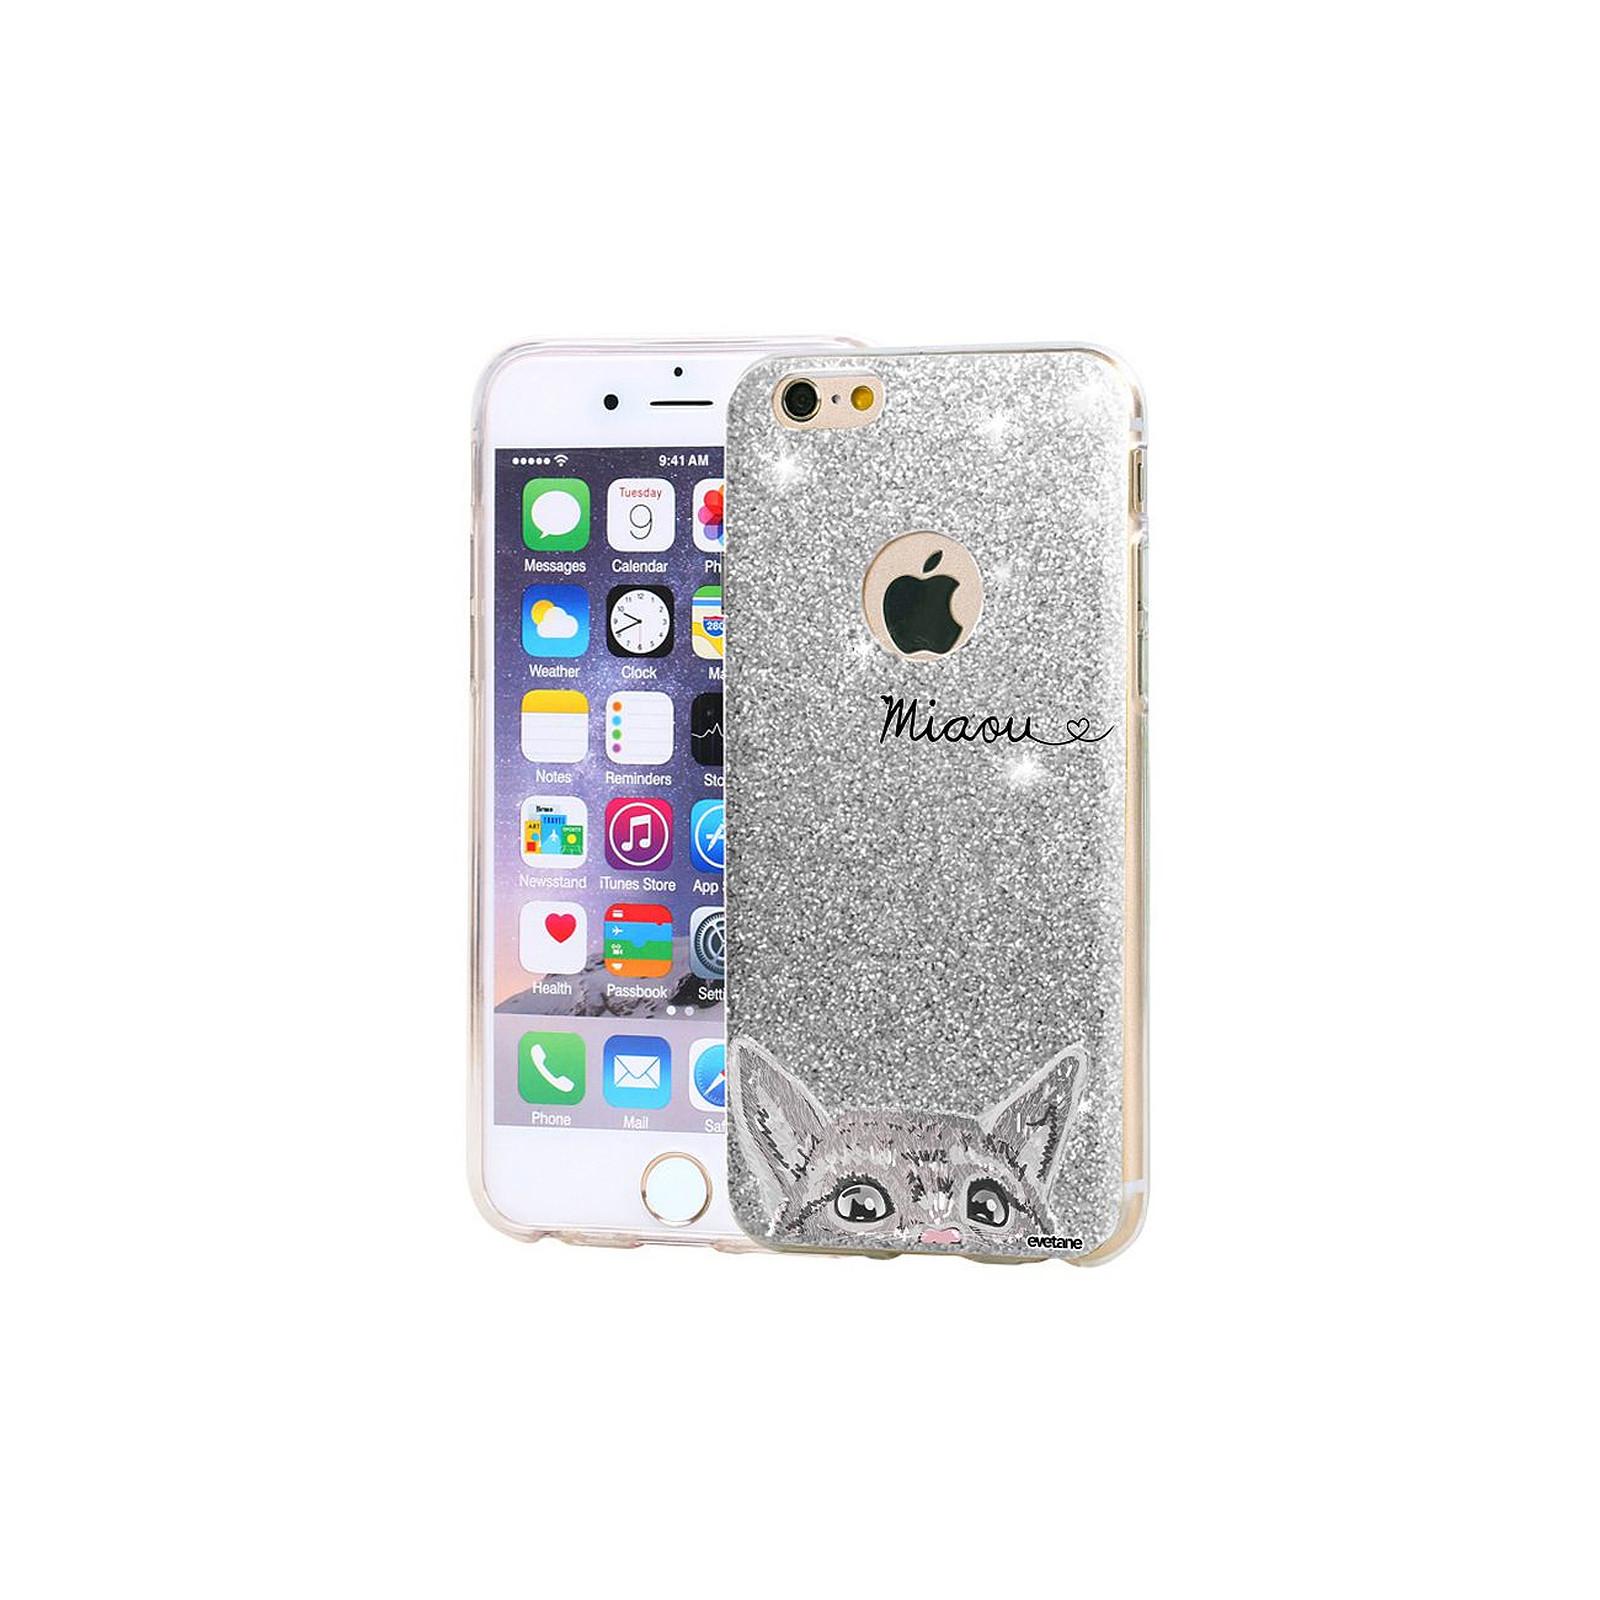 EVETANE Coque souple paillettes iPhone 7/8/ iPhone SE 2020 paillettes argent Chat Miaou - Coque téléphone Evetane sur LDLC